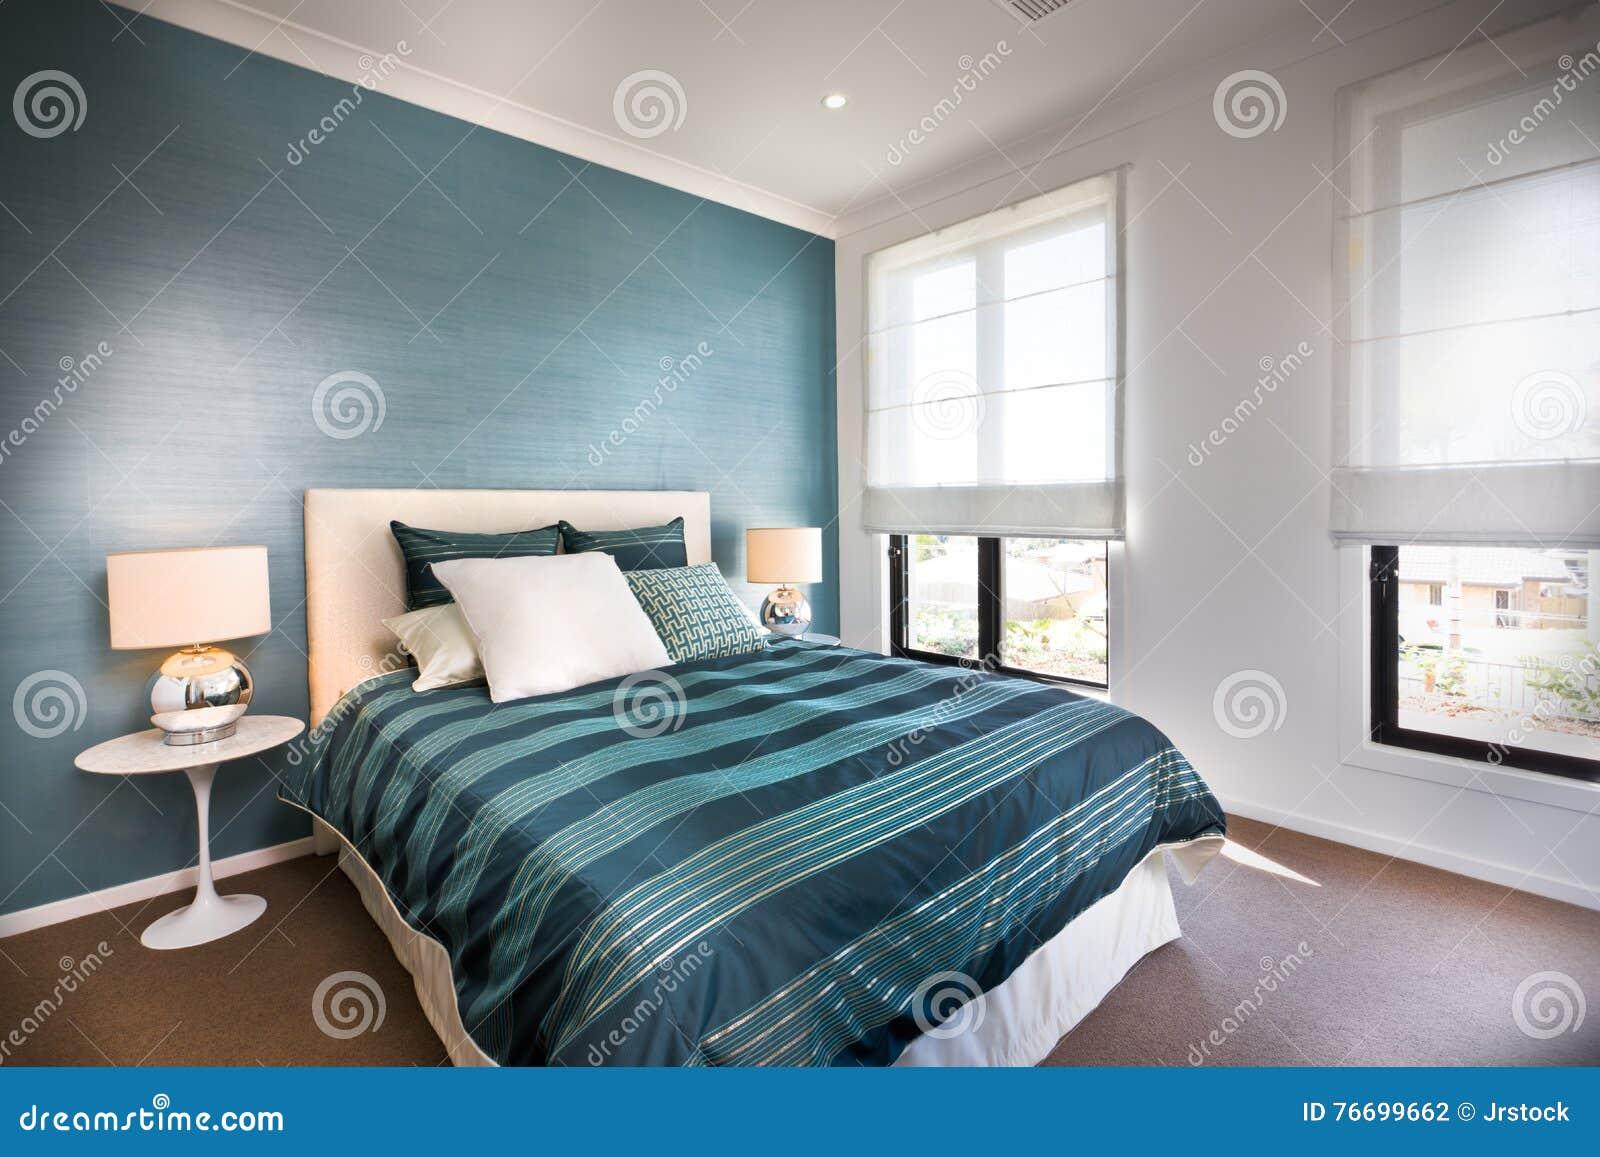 Decoratie Slaapkamer Muur : Sluit omhoog van een blauwe decoratieve slaapkamer met witte muren